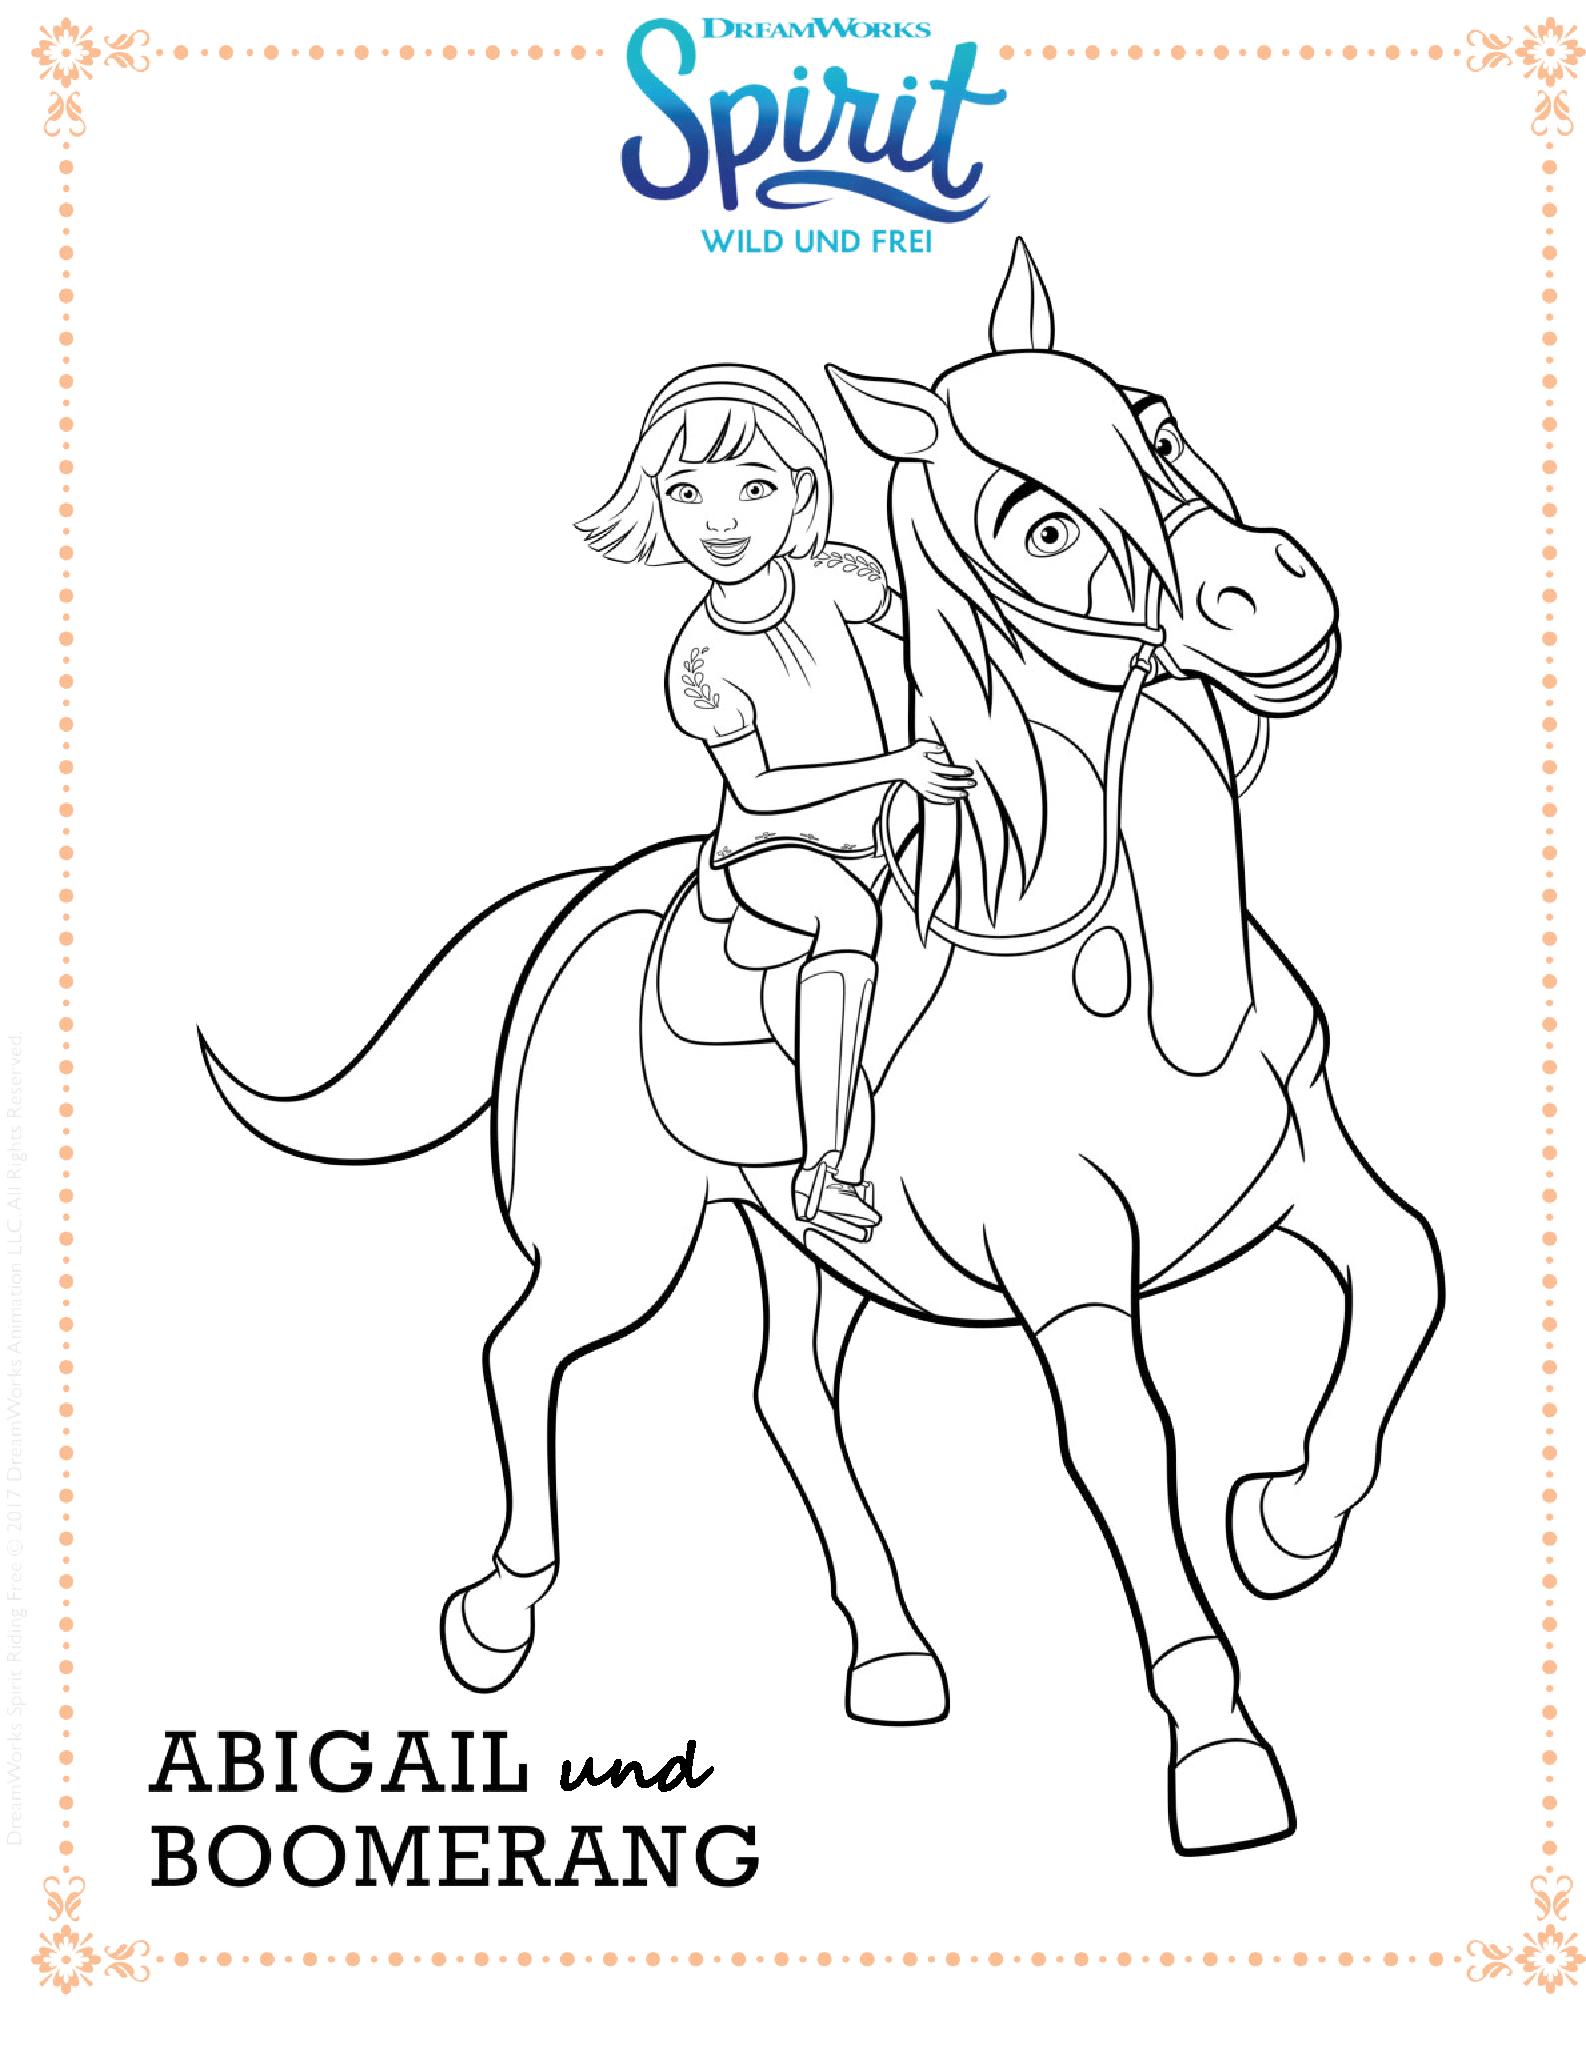 Pin Von Monica Yokes Auf Liens A Verifier Pferde Bilder Zum Ausmalen Tiere Zum Ausmalen Ausmalbilder Pferde